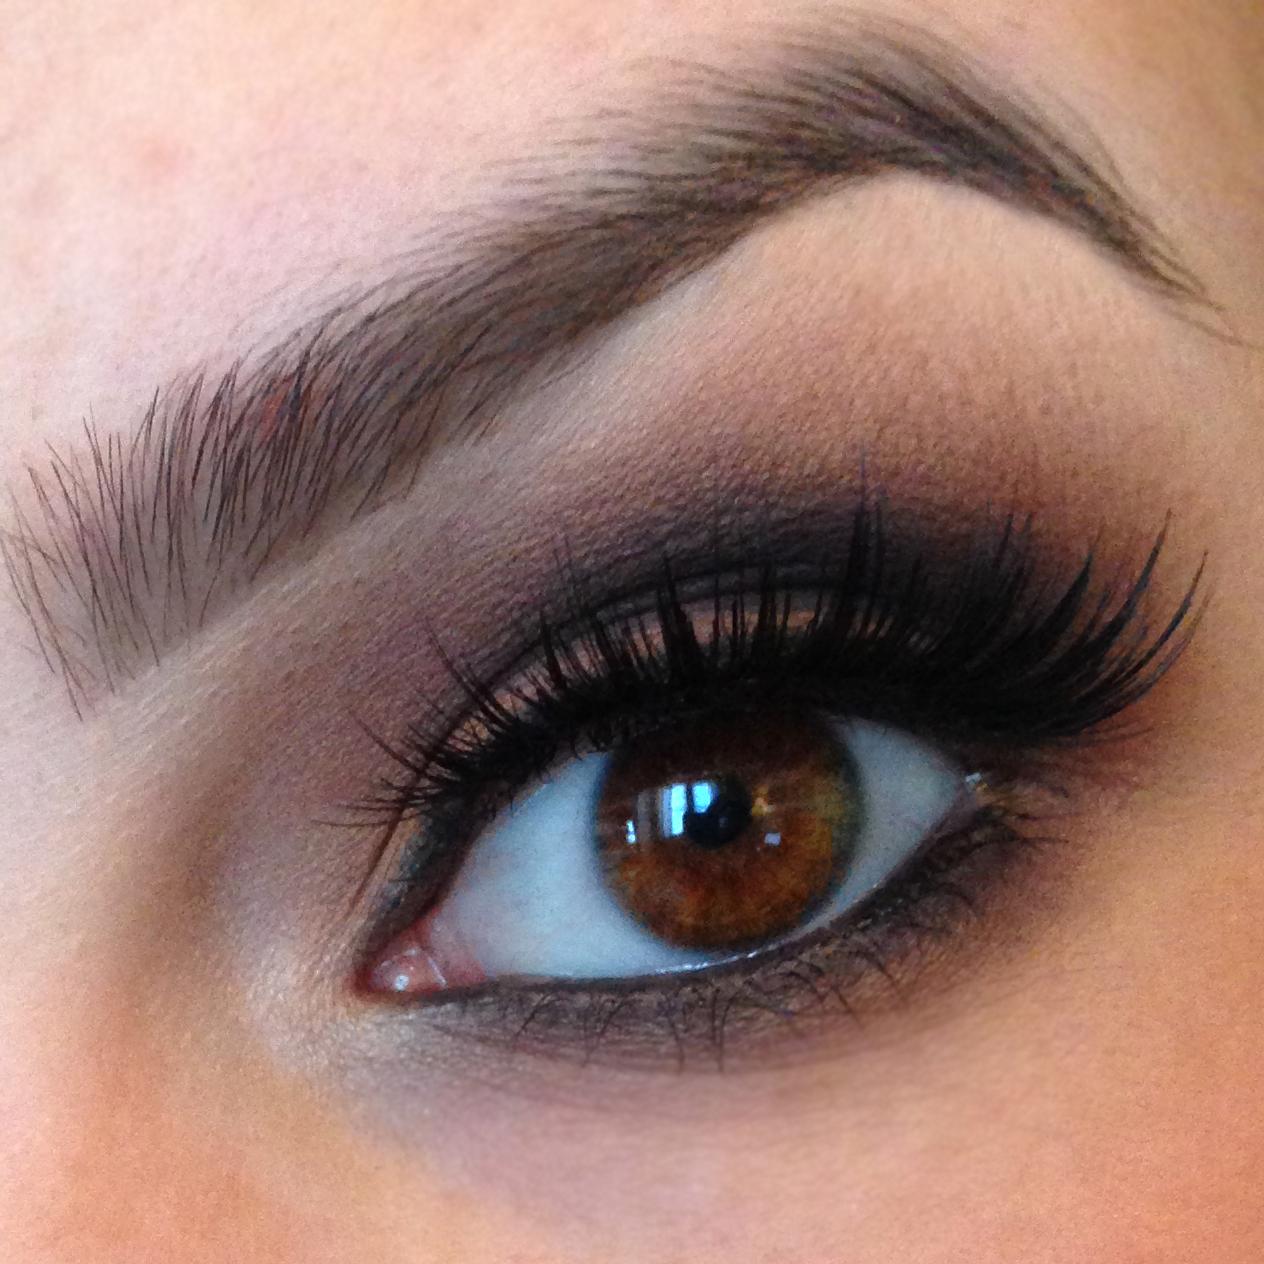 Tease & Makeup - Makeup